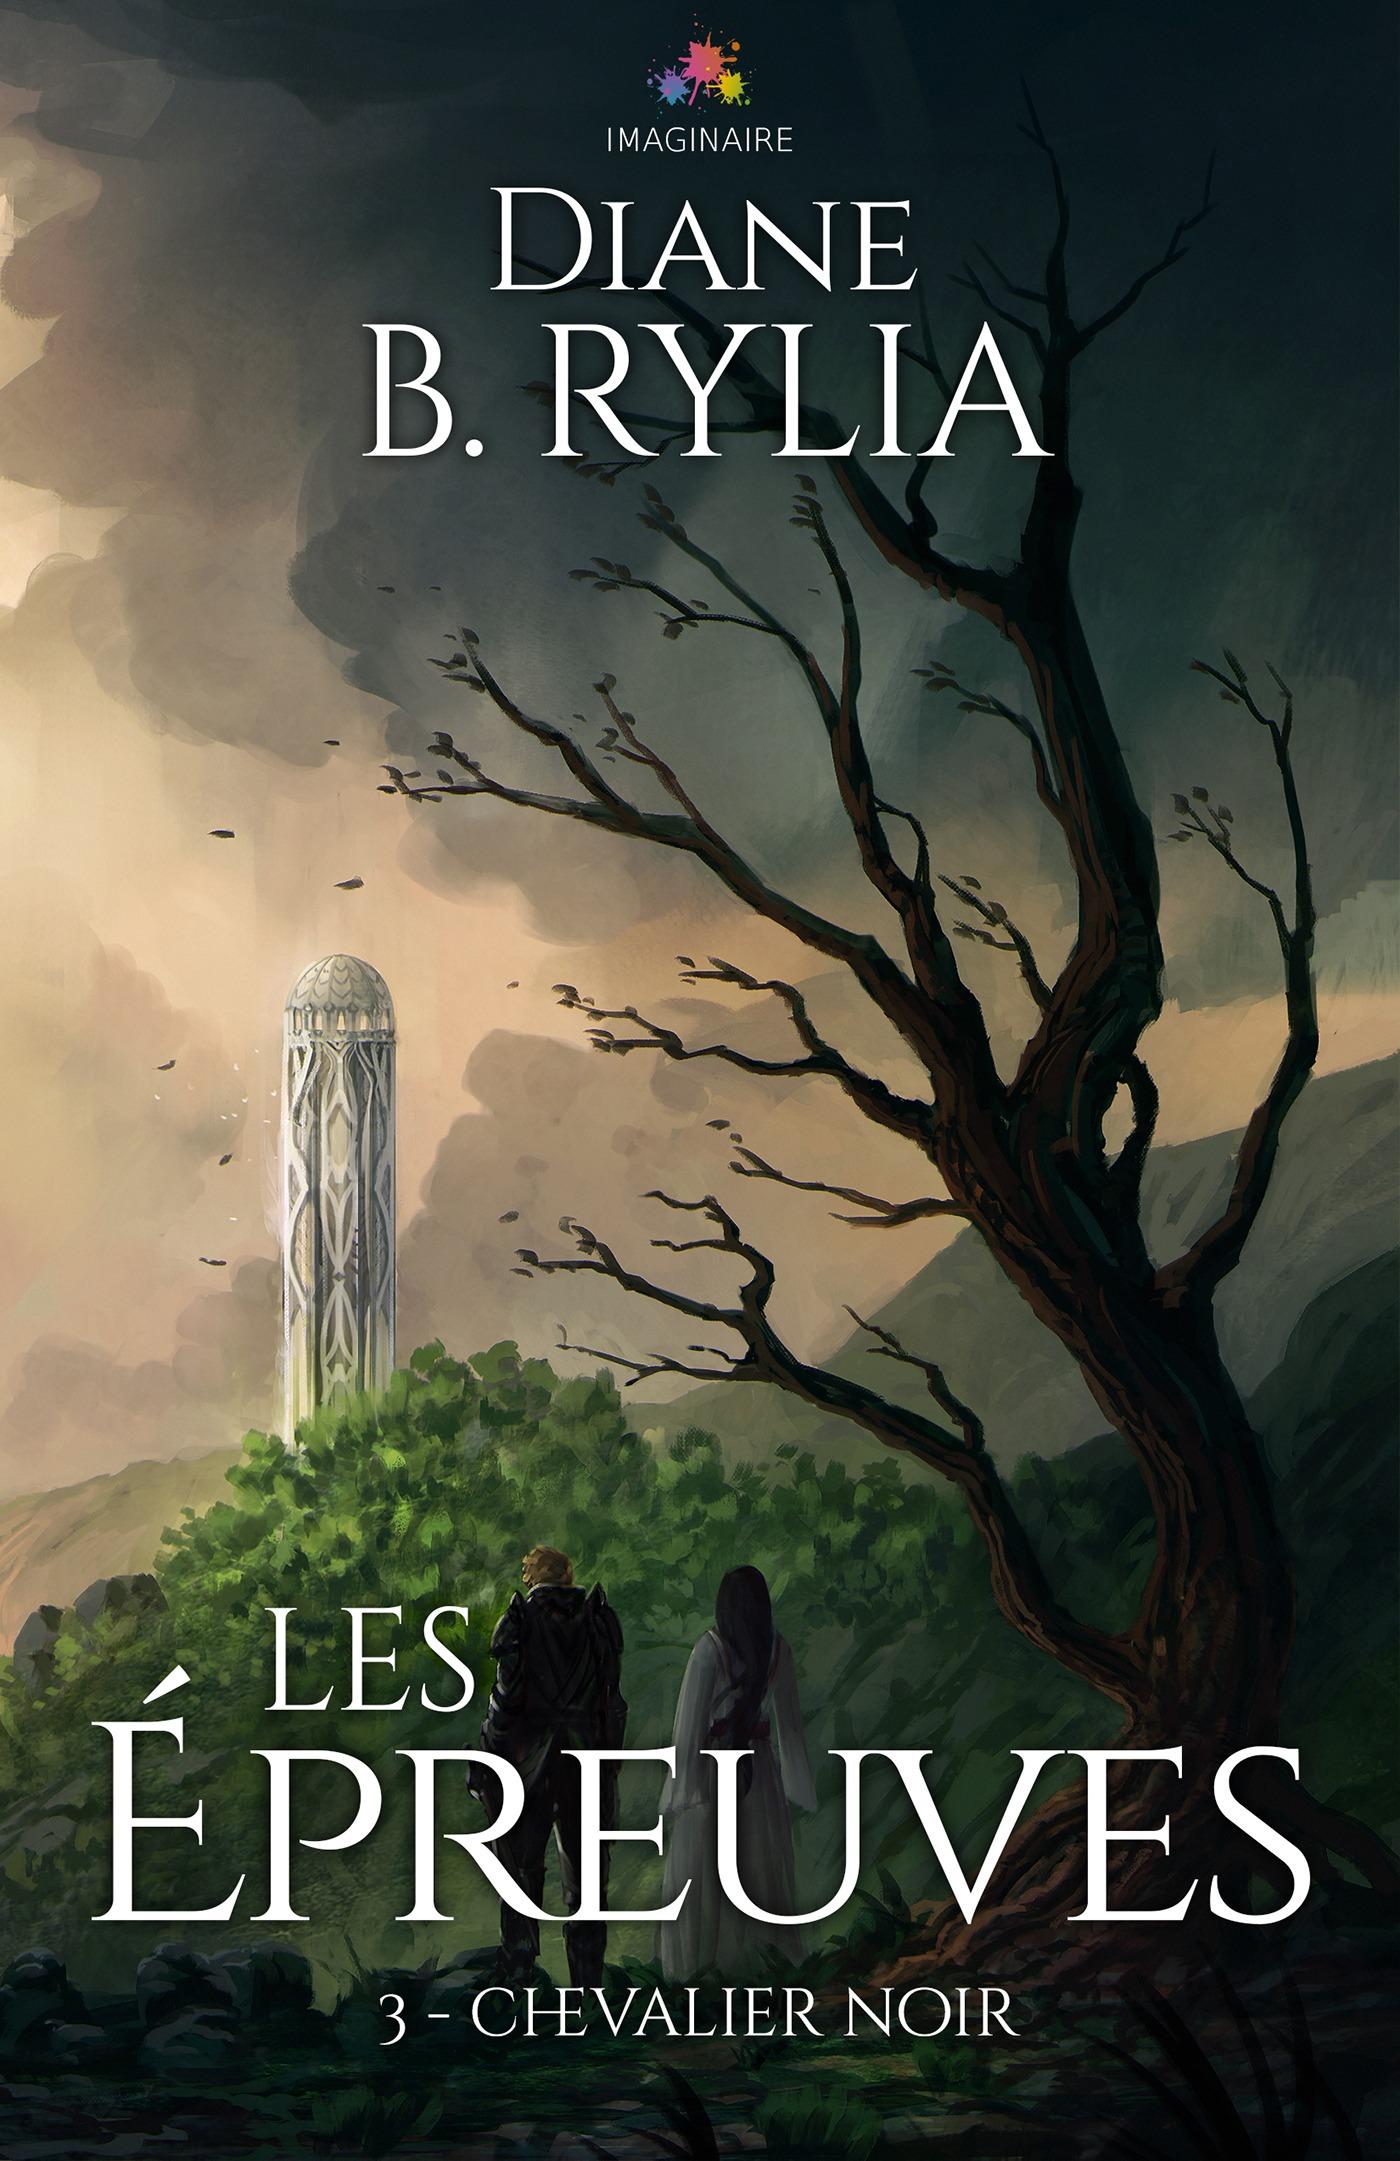 Les Épreuves, CHEVALIER NOIR, T3